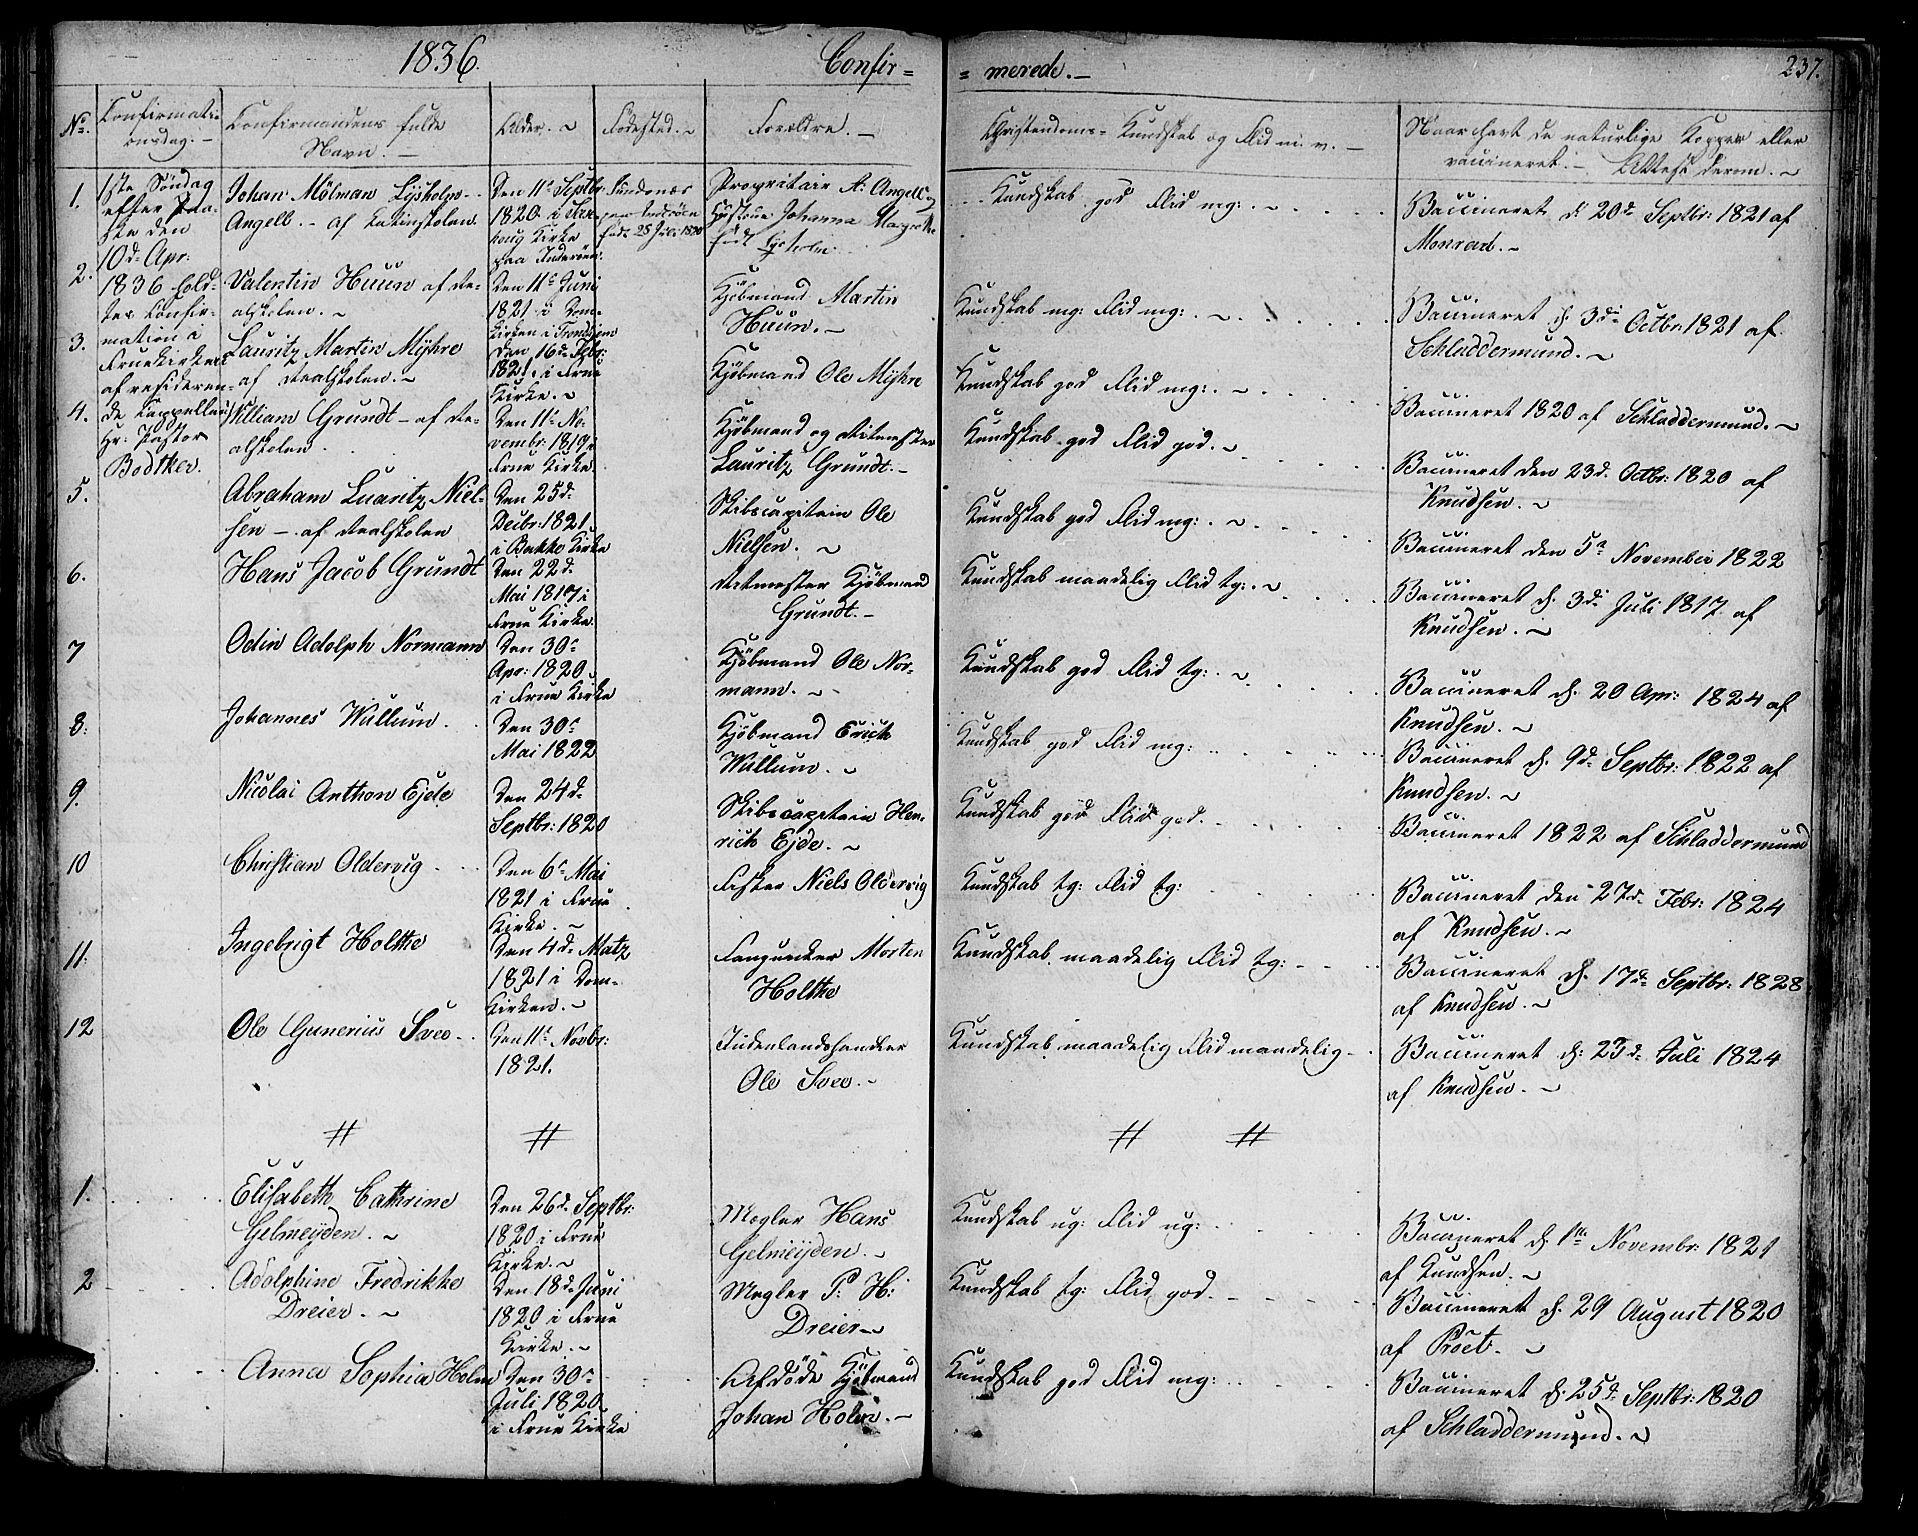 SAT, Ministerialprotokoller, klokkerbøker og fødselsregistre - Sør-Trøndelag, 602/L0108: Ministerialbok nr. 602A06, 1821-1839, s. 237